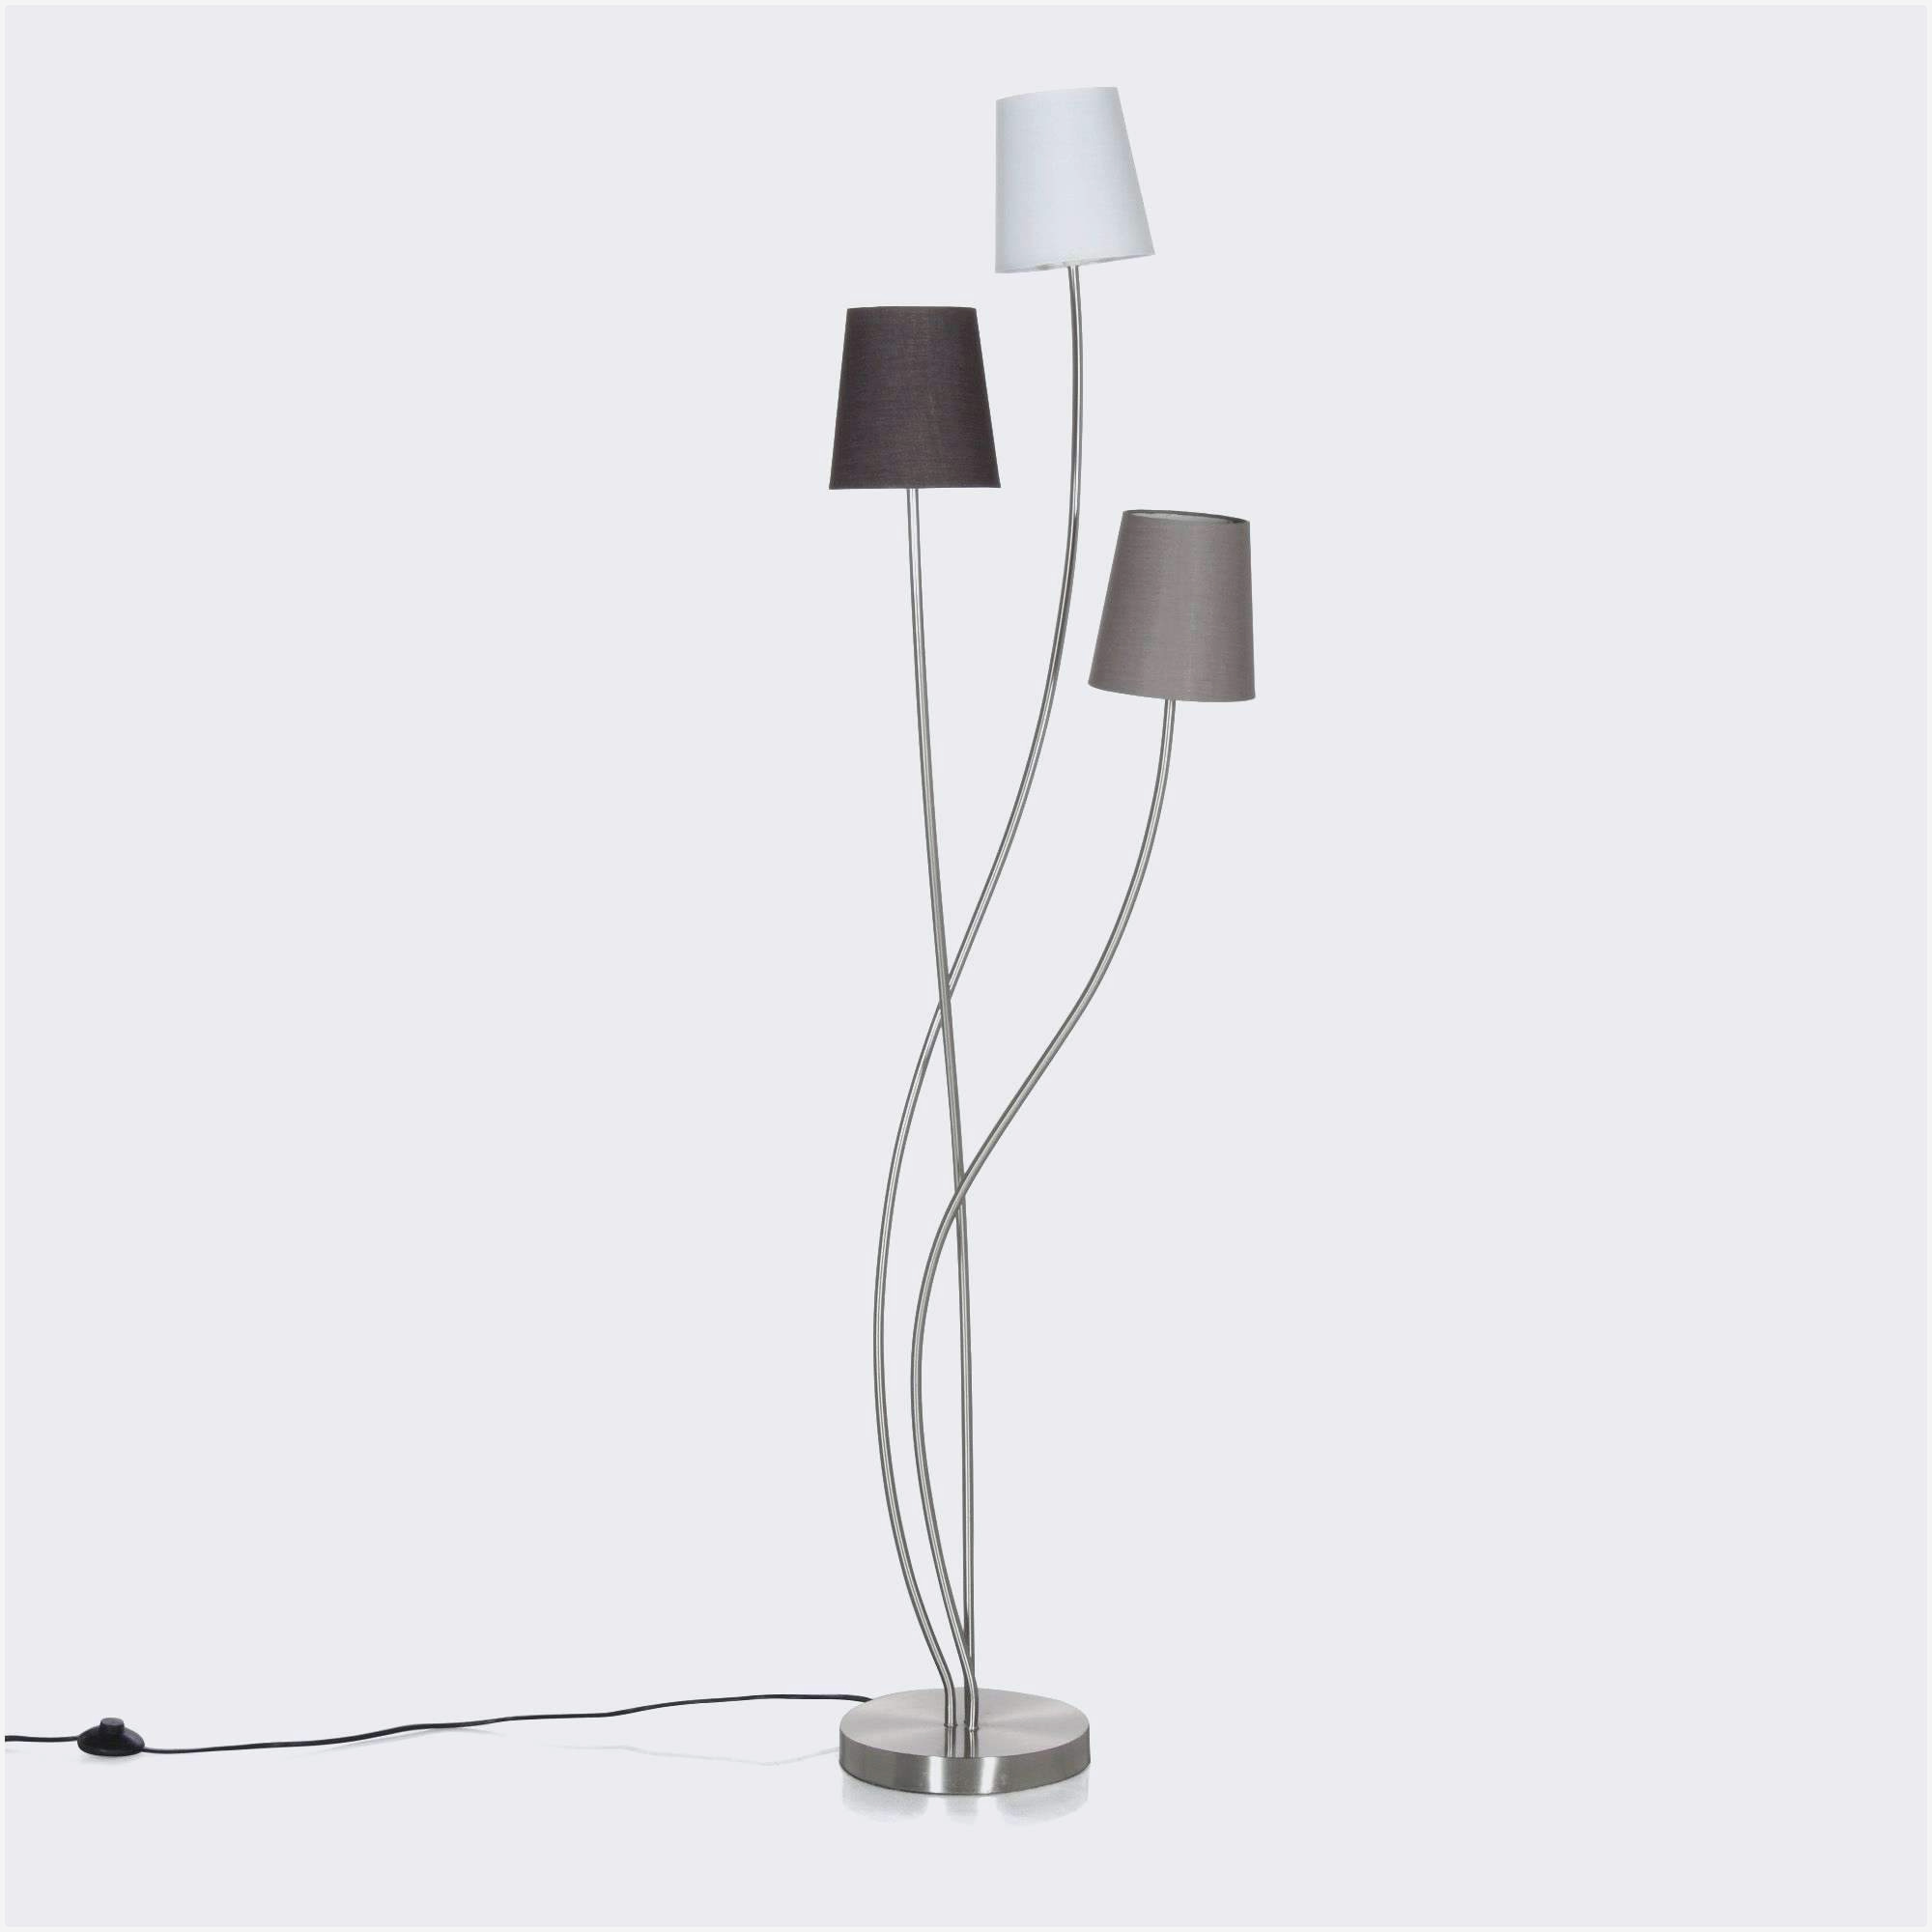 Full Size of Ikea Lampenschirm Wohnzimmer Leuchten Lampe Lampen Stoff Wei Traumhaus Stehlampe Spiegellampe Bad Sofa Mit Schlaffunktion Board Kommode Deckenleuchten Esstisch Wohnzimmer Ikea Wohnzimmer Lampe